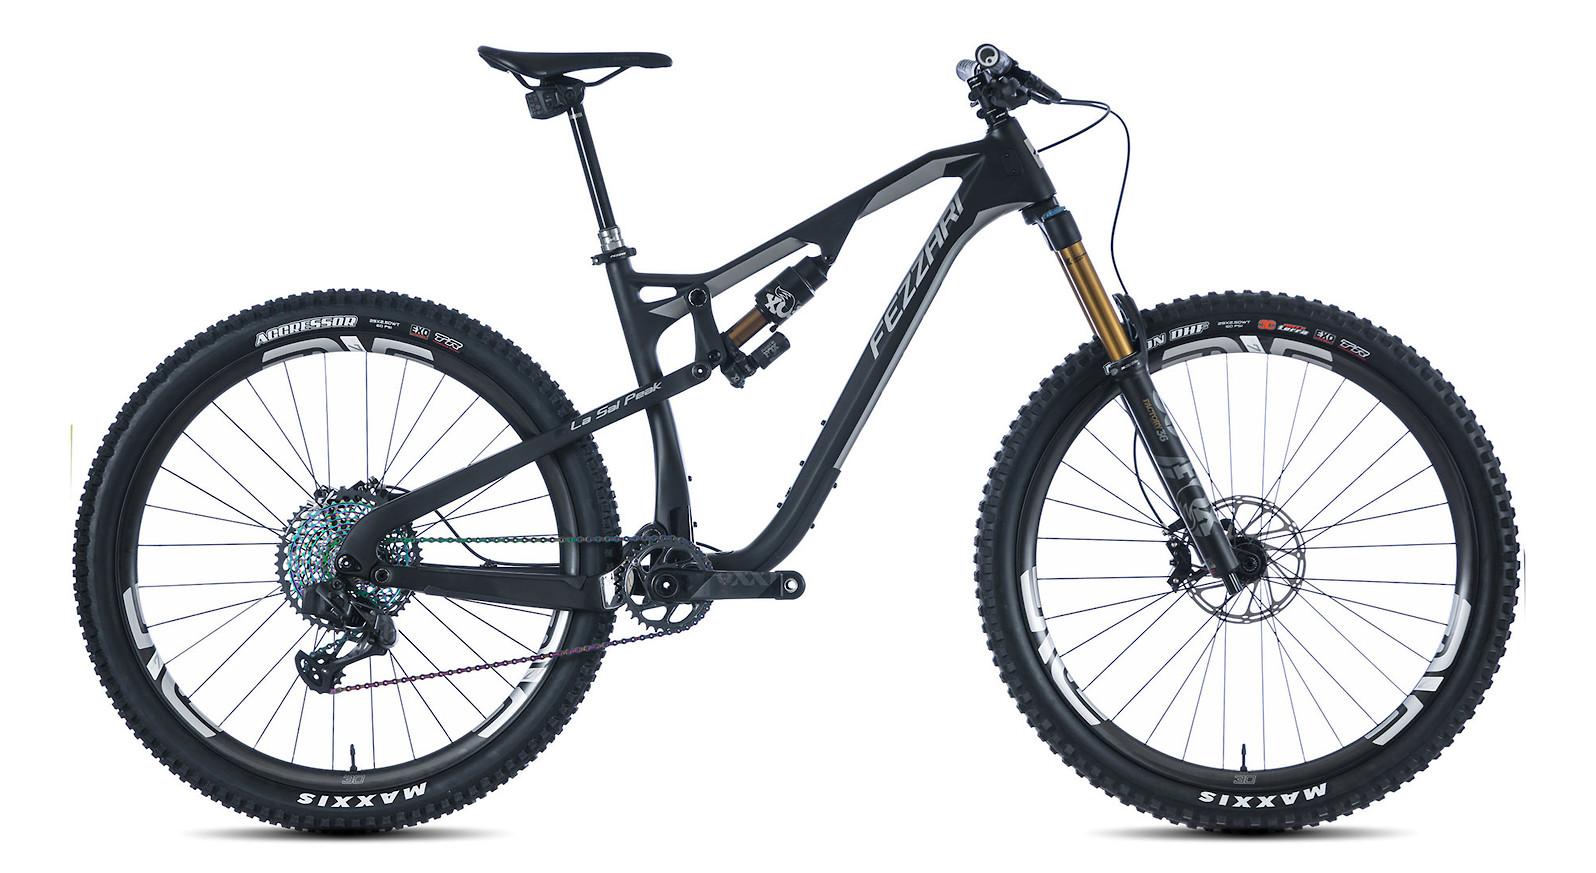 2021 Fezzari La Sal Peak Team Edition AXS